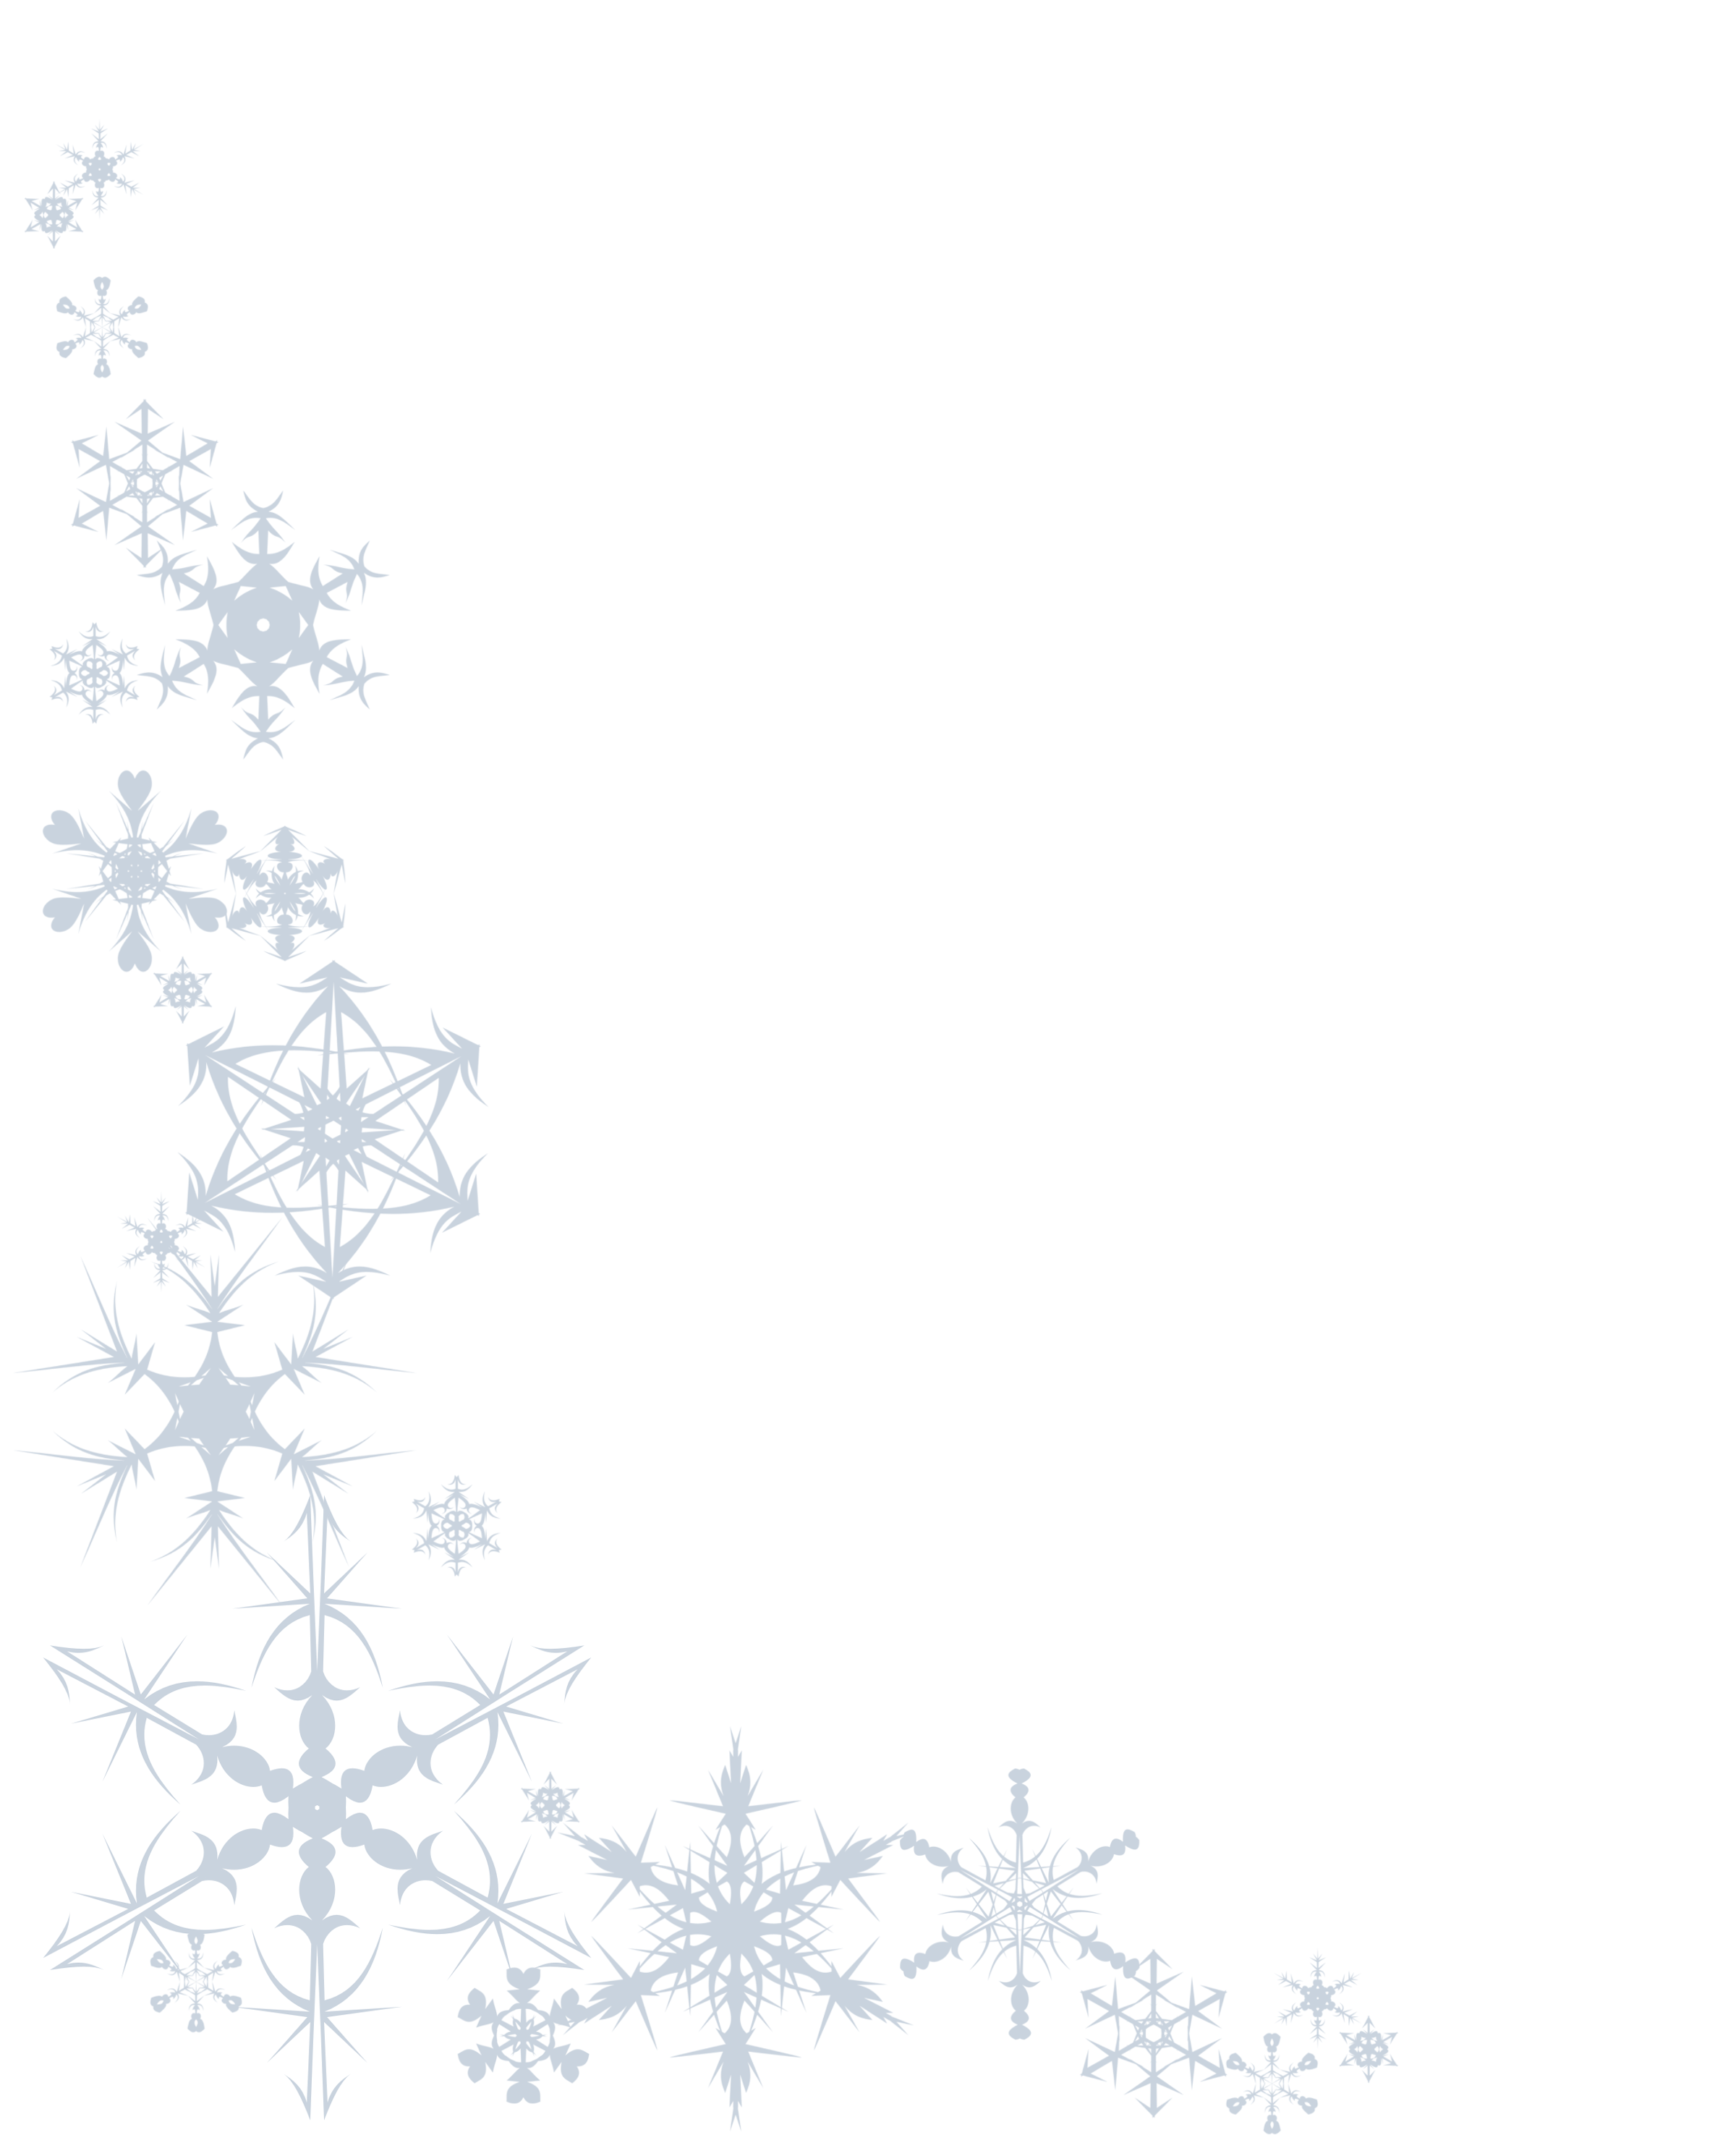 Snowflake Paper At Printables4scrapbooki-Snowflake Paper At Printables4scrapbooking-13